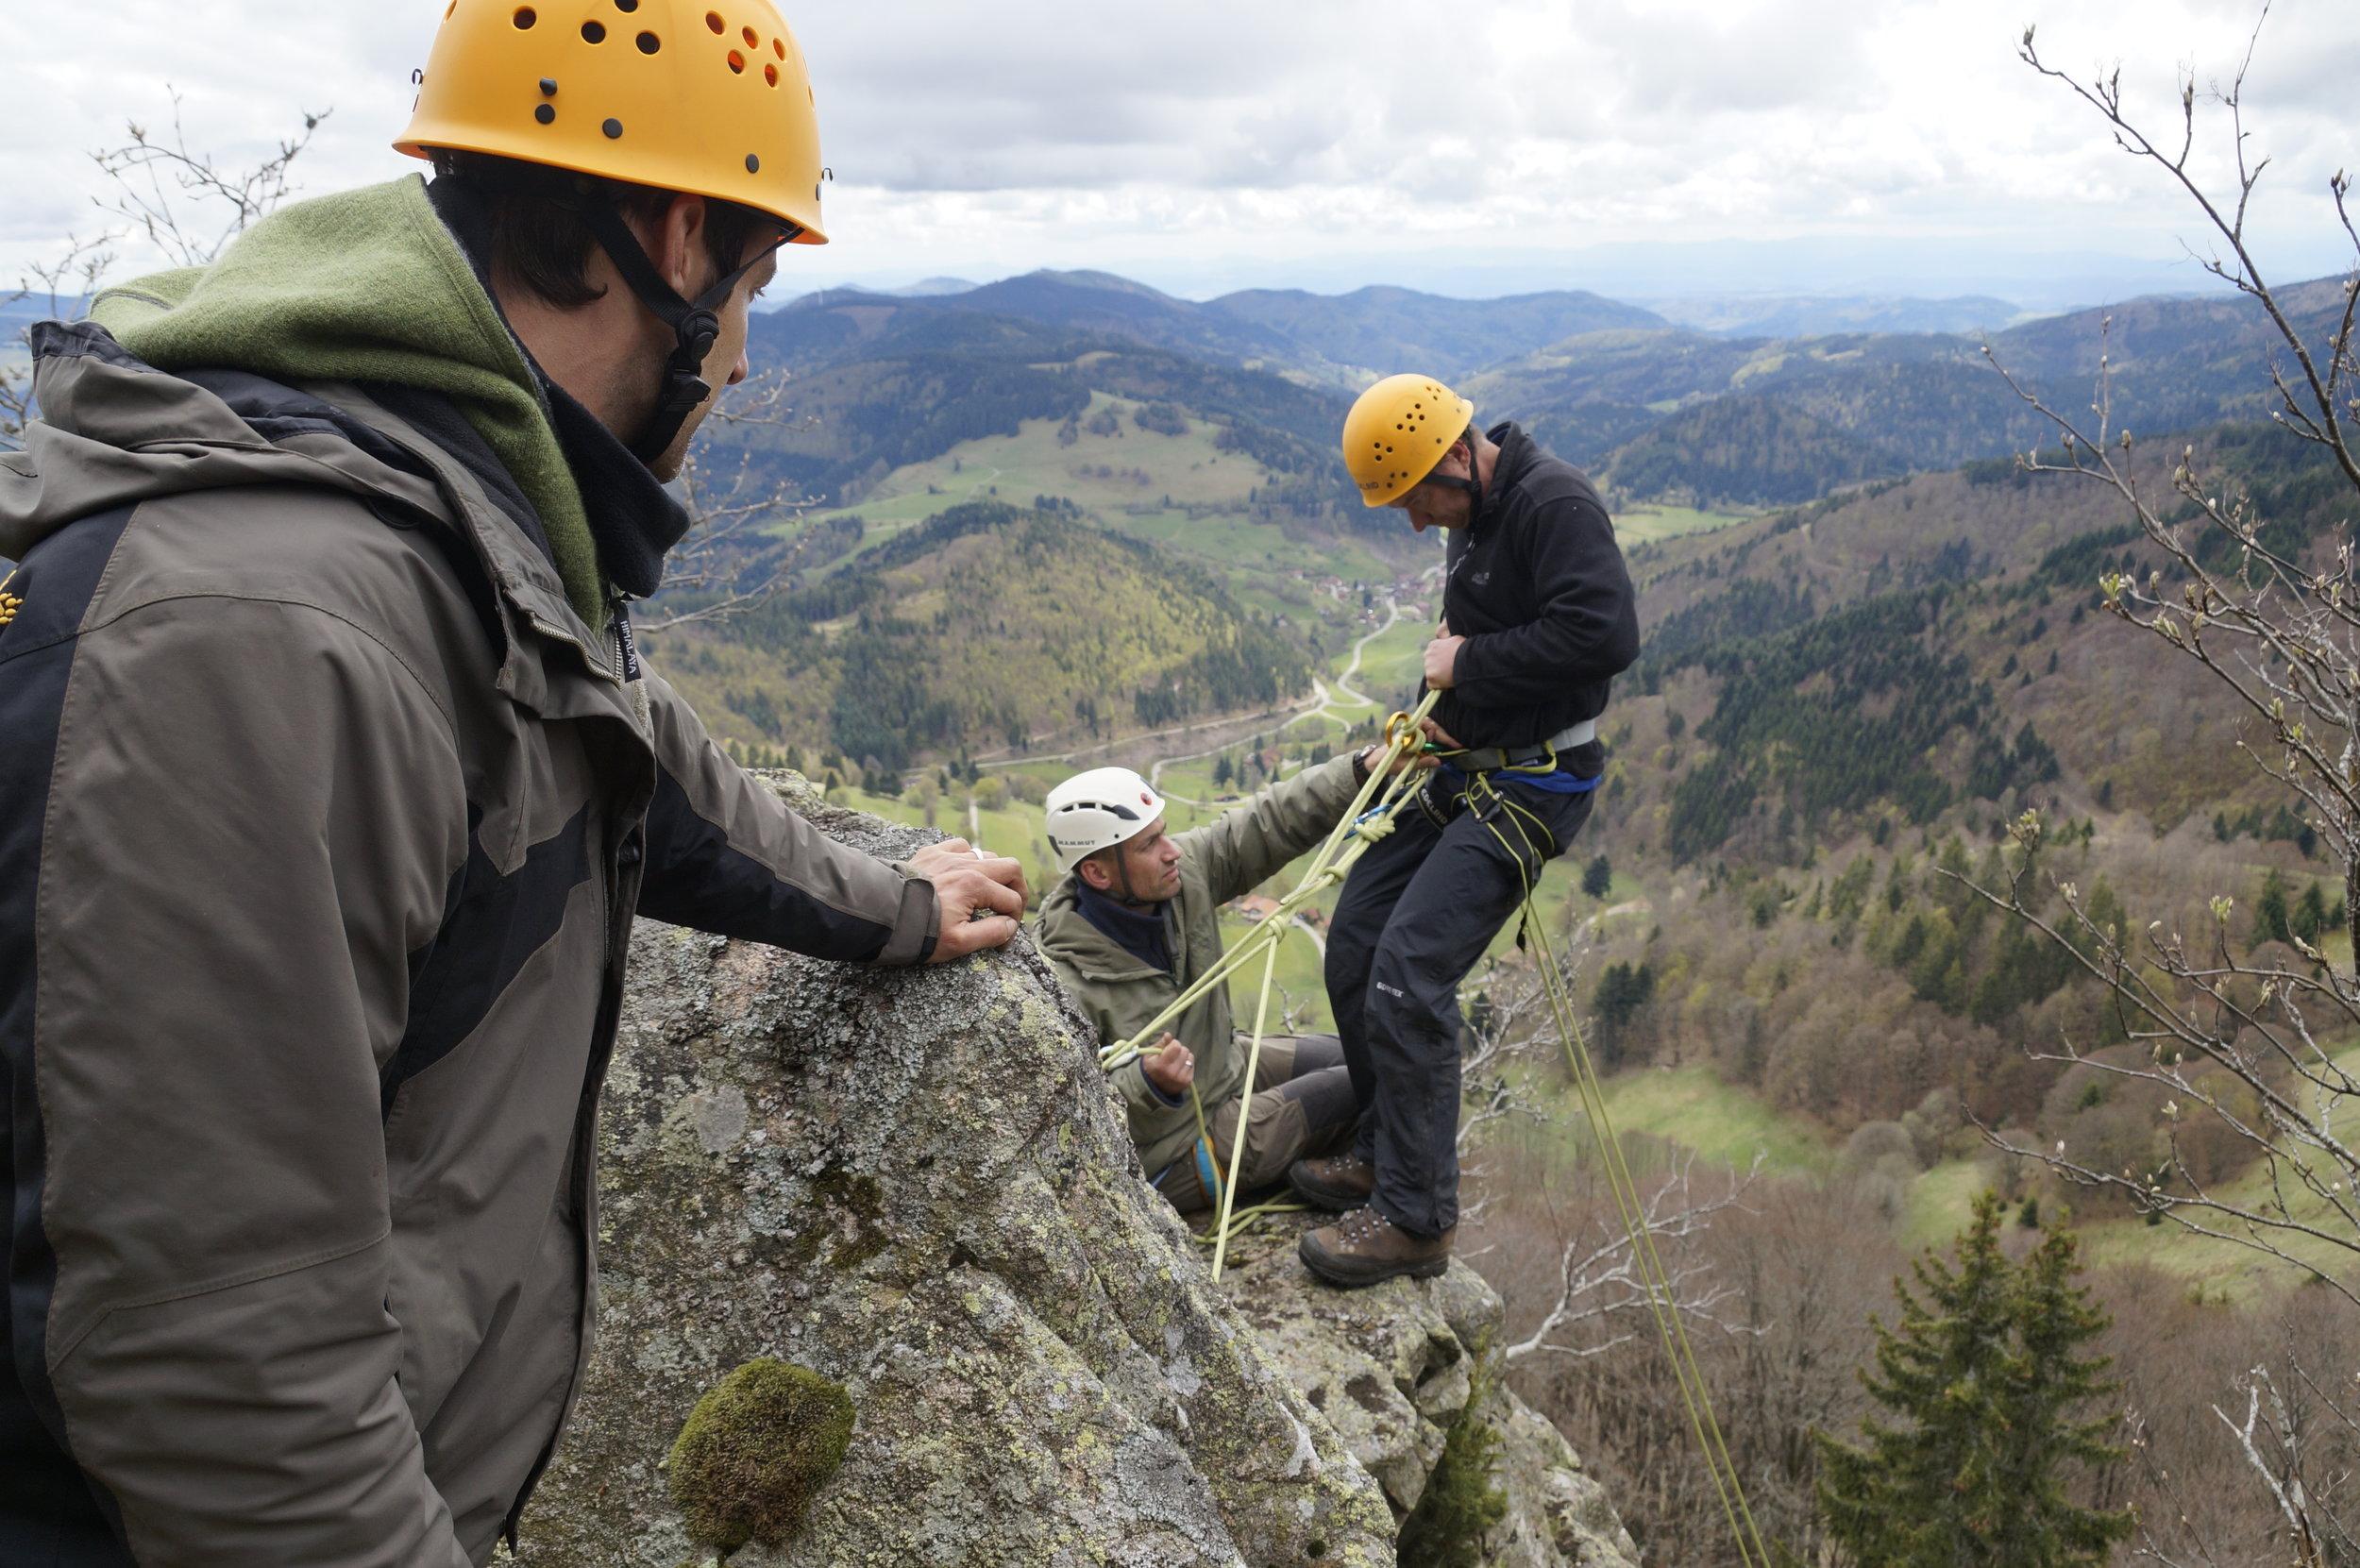 Outdoor GUide / Wildnisführer Ausbildung - Konzept und Ausbildungsmodule